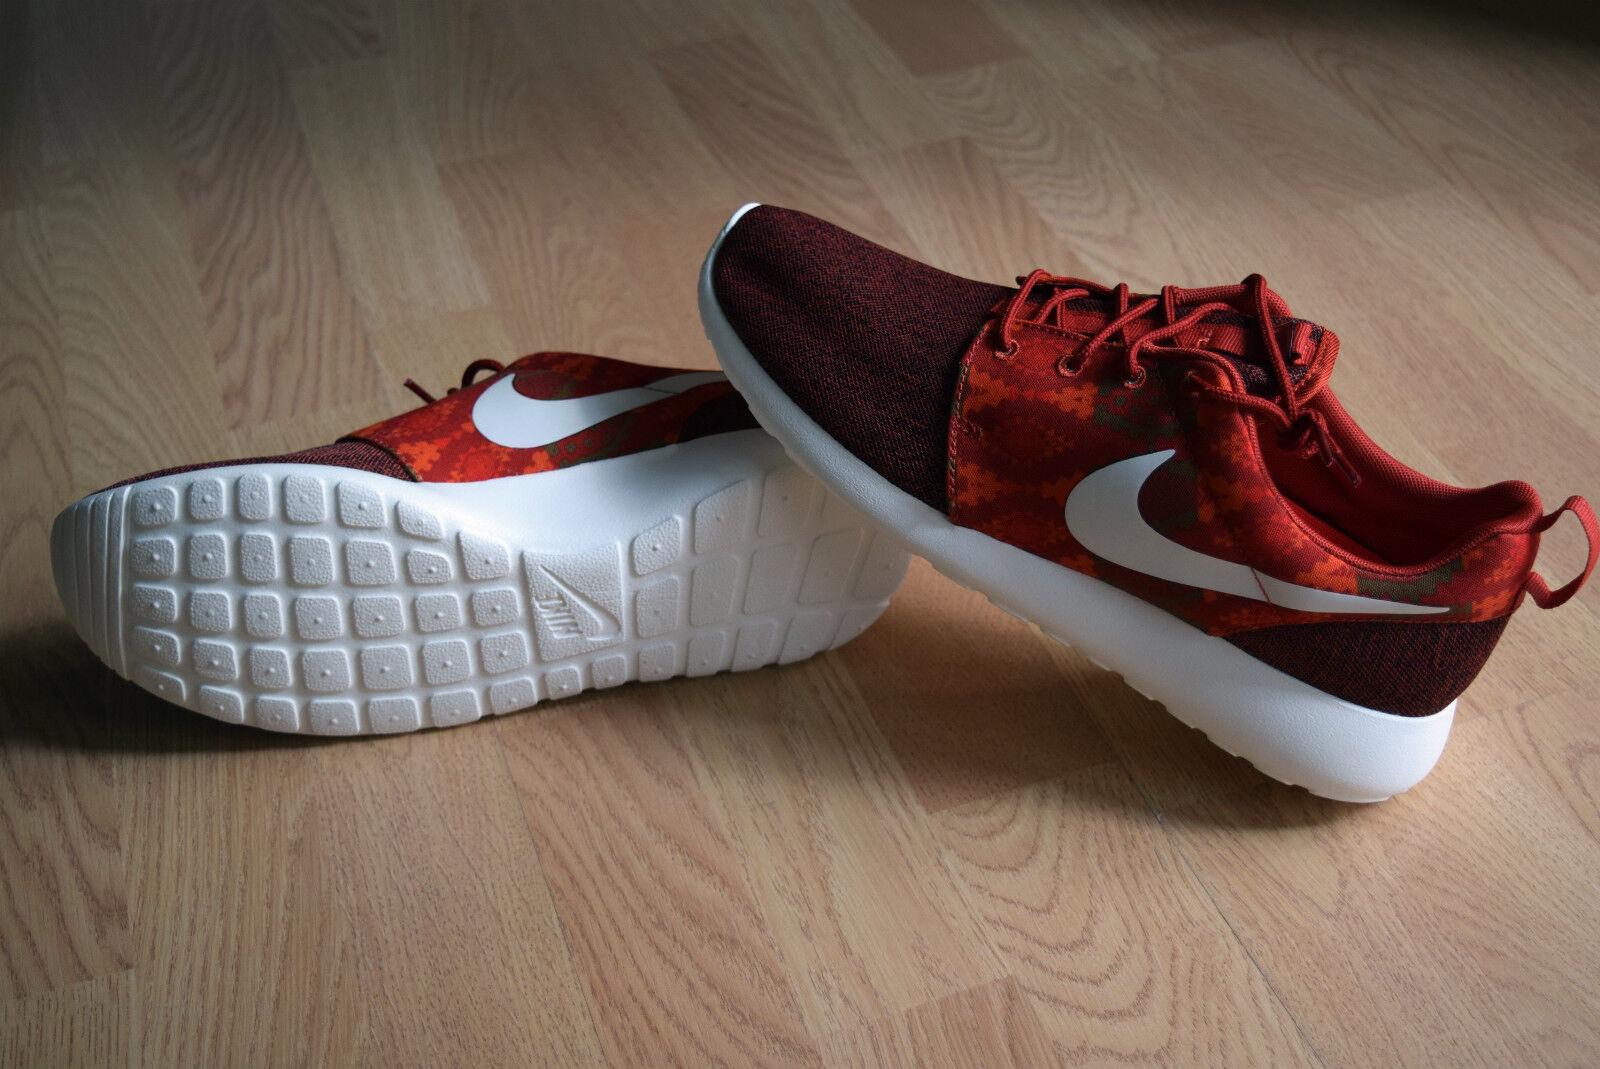 Nike Roshe One 41 42 43 44 44 44 45 45,5 fReE rUn aIr mAx 1 tAvaS presto 655206 612 1c0869